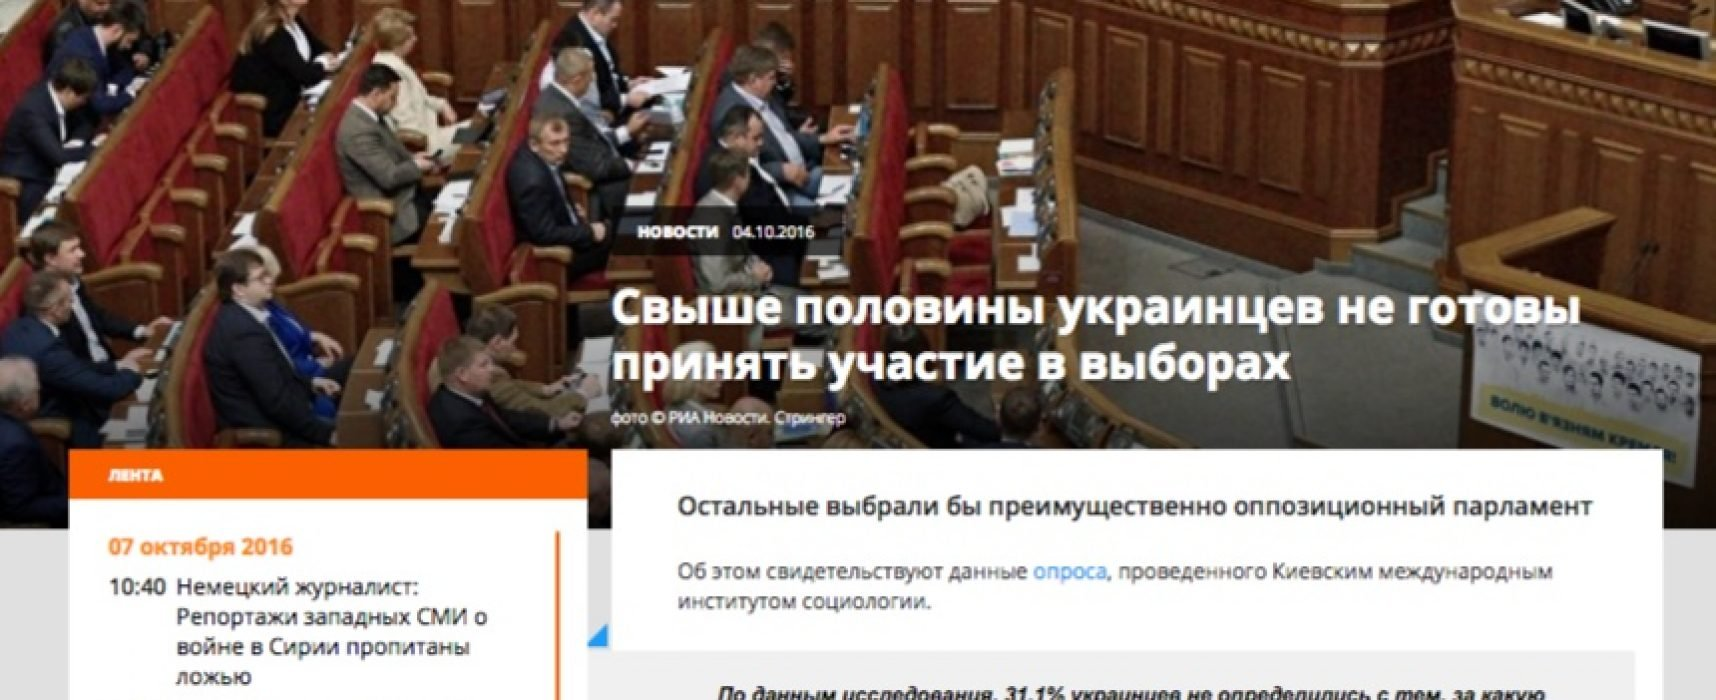 Fake: Průzkumy ukazují, že většina Ukrajinců nechce jít volit